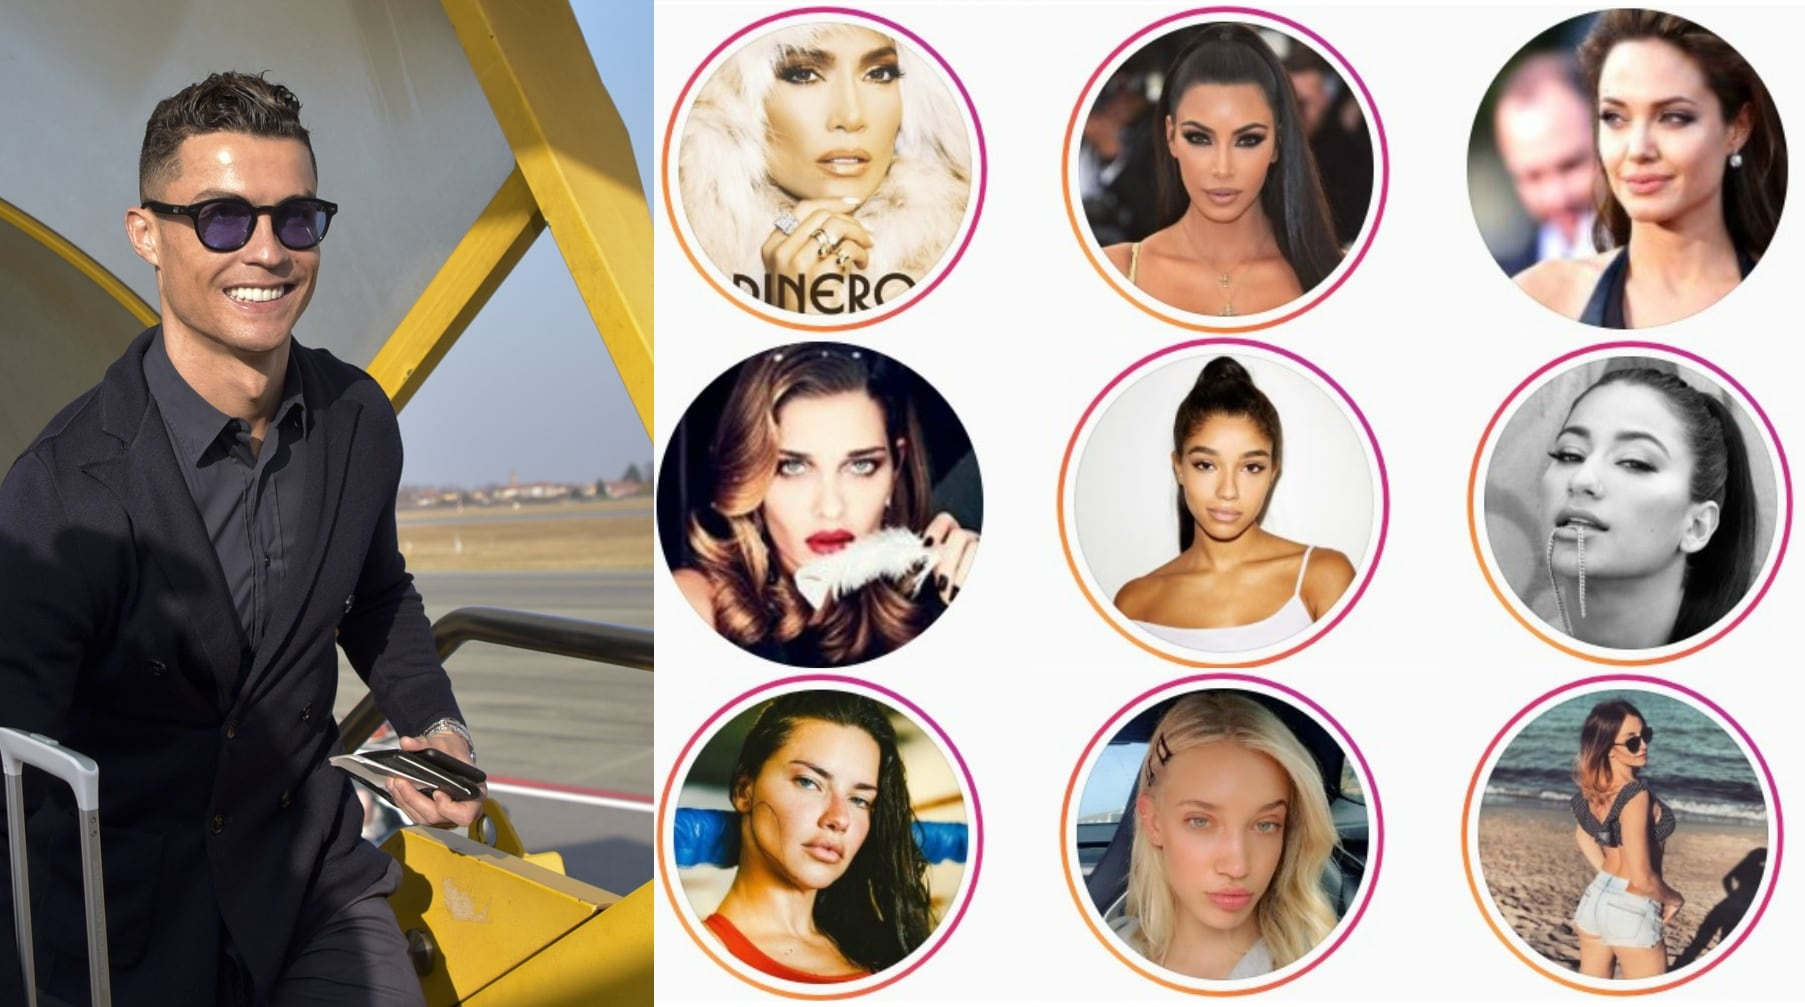 Juve, ecco tutte le 72 donne seguite da Ronaldo su Instagram